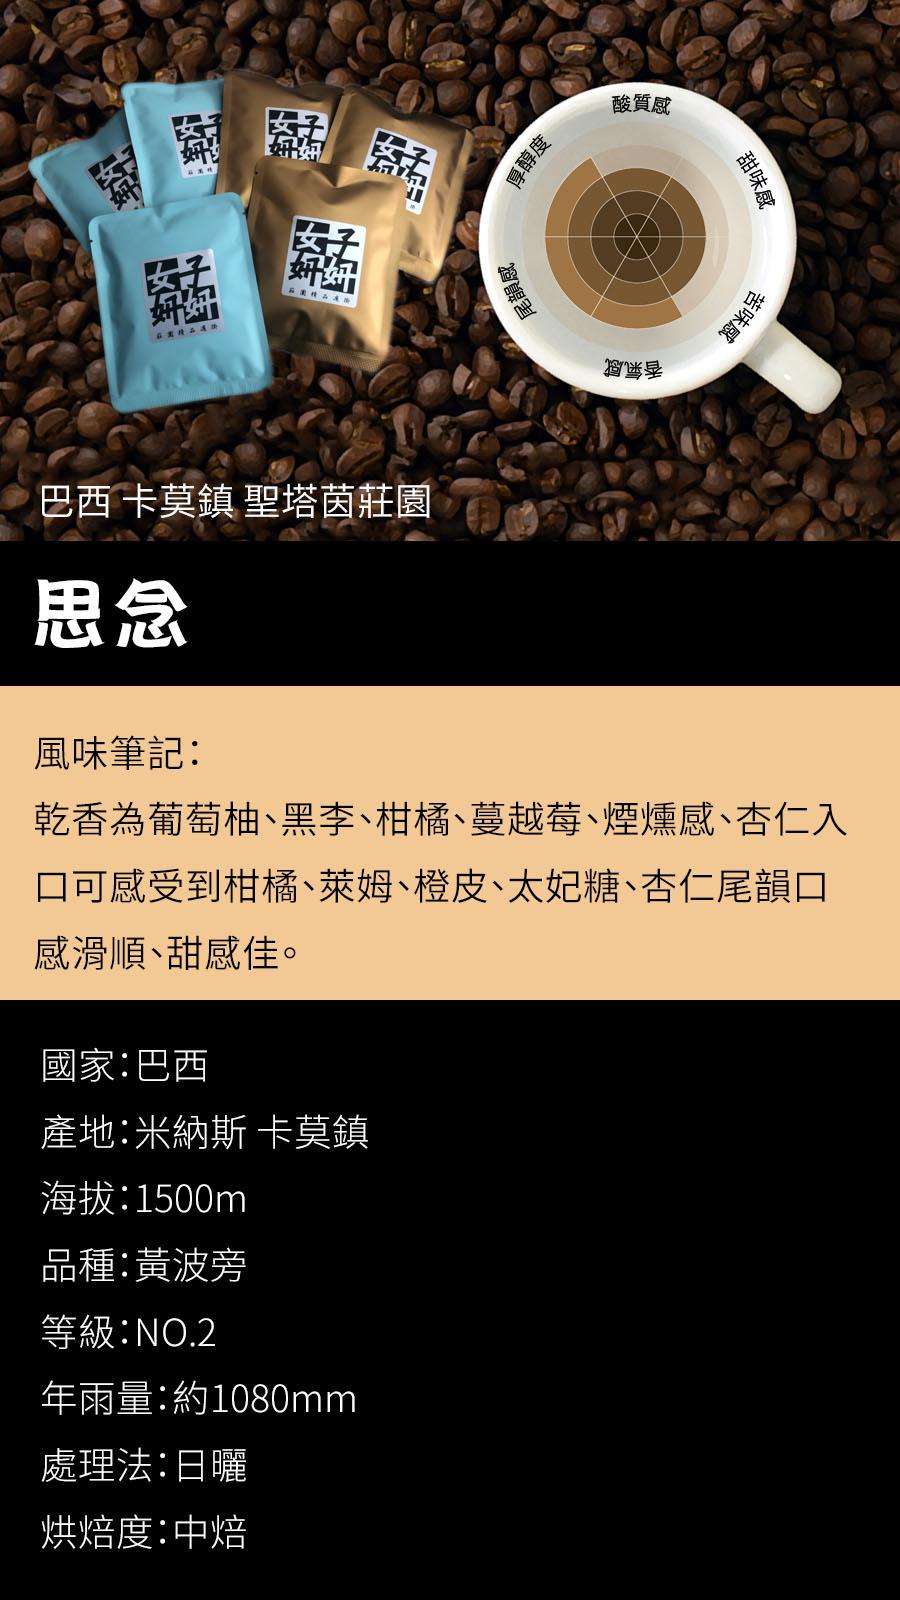 那一味咖啡【思念】特選巴西卡莫鎮-聖塔茵莊園精品咖啡-6入/盒 x3盒(18入)